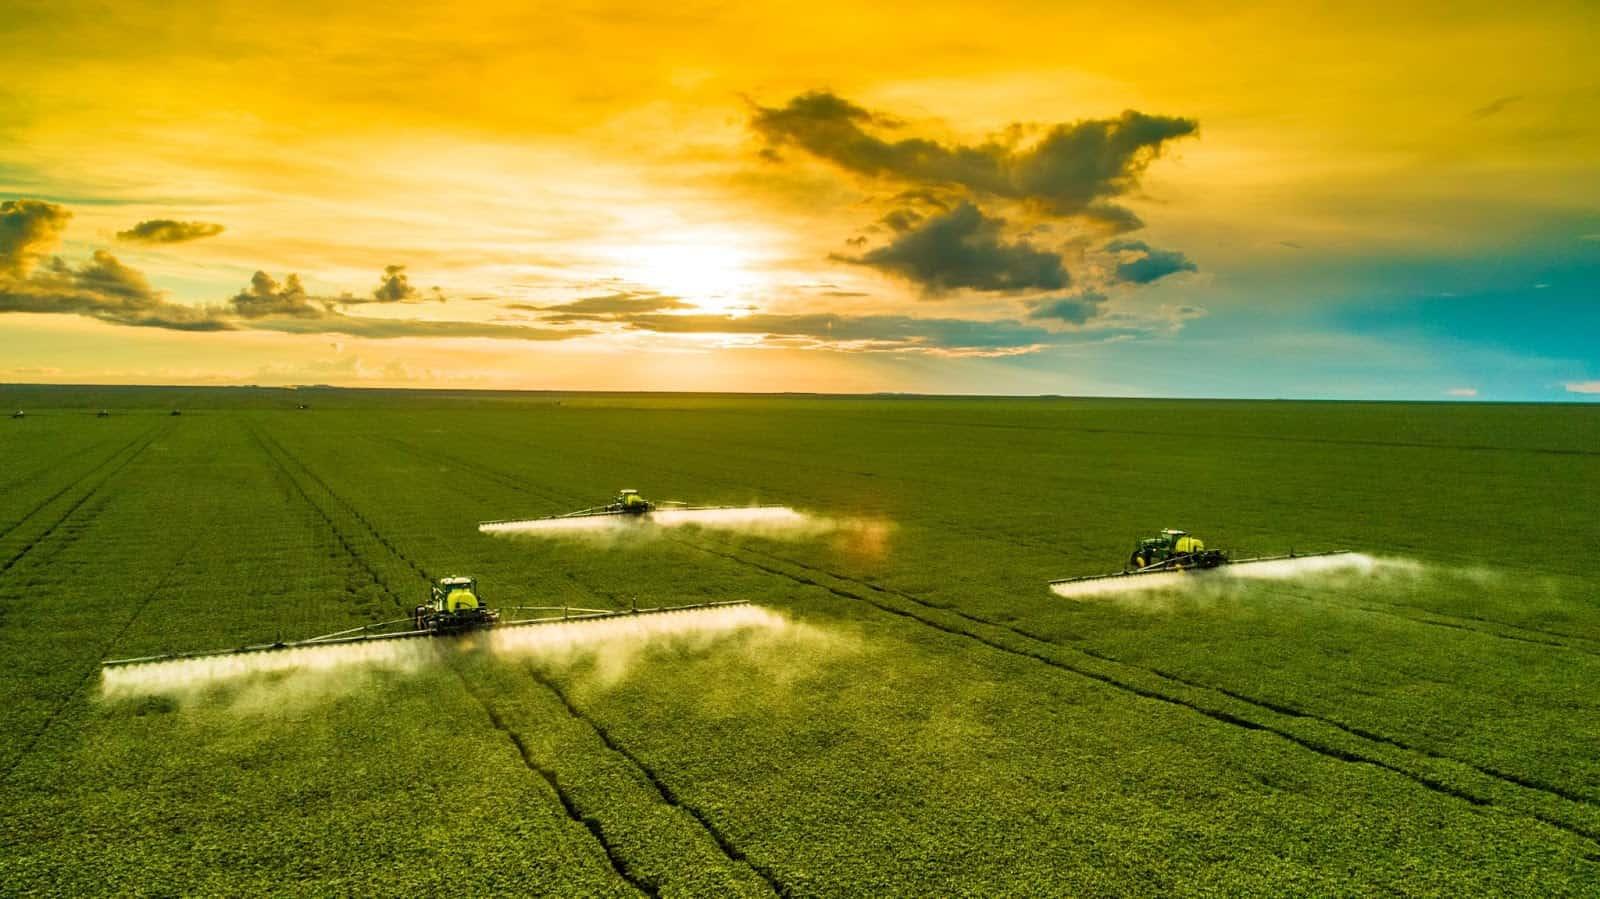 três máquinas agrícolas realizando pulverização em uma lavoura de soja com destaque para o horizonte e pôr do sol. Agricultura digital e planejamento safra